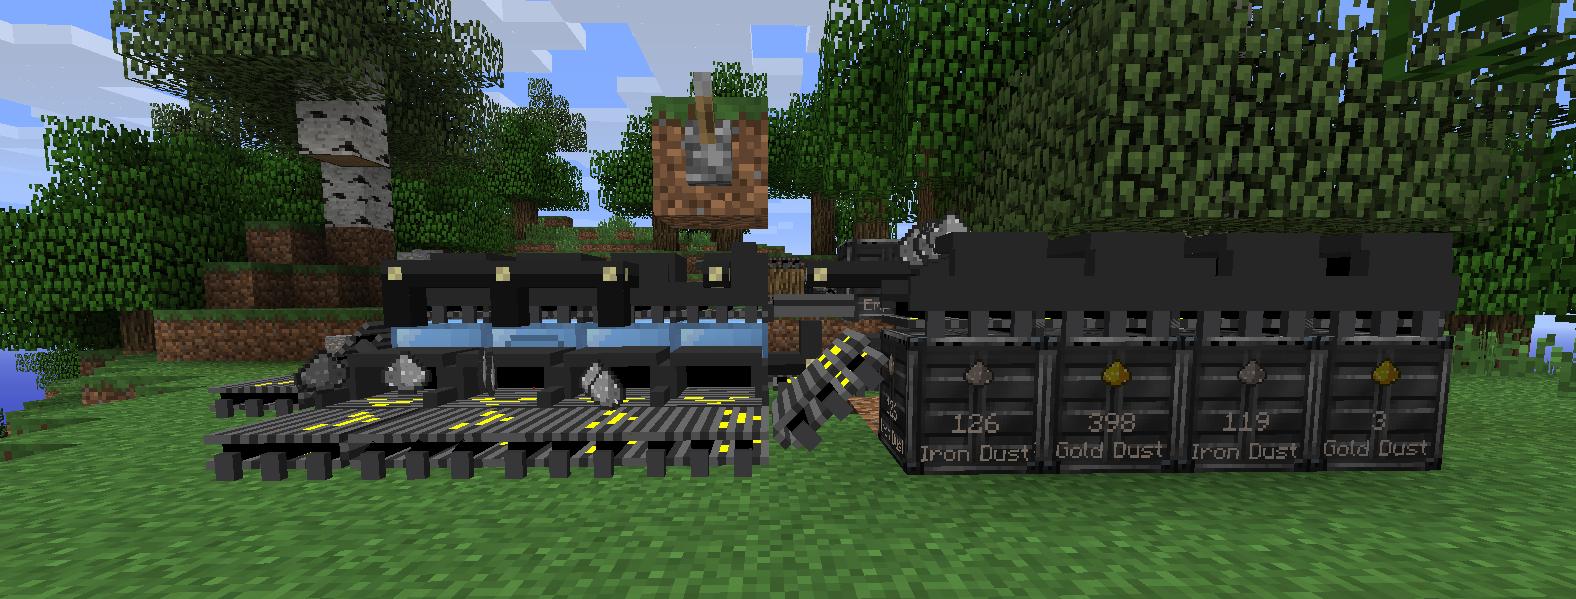 Minecraft forge скачать для 1.5.2